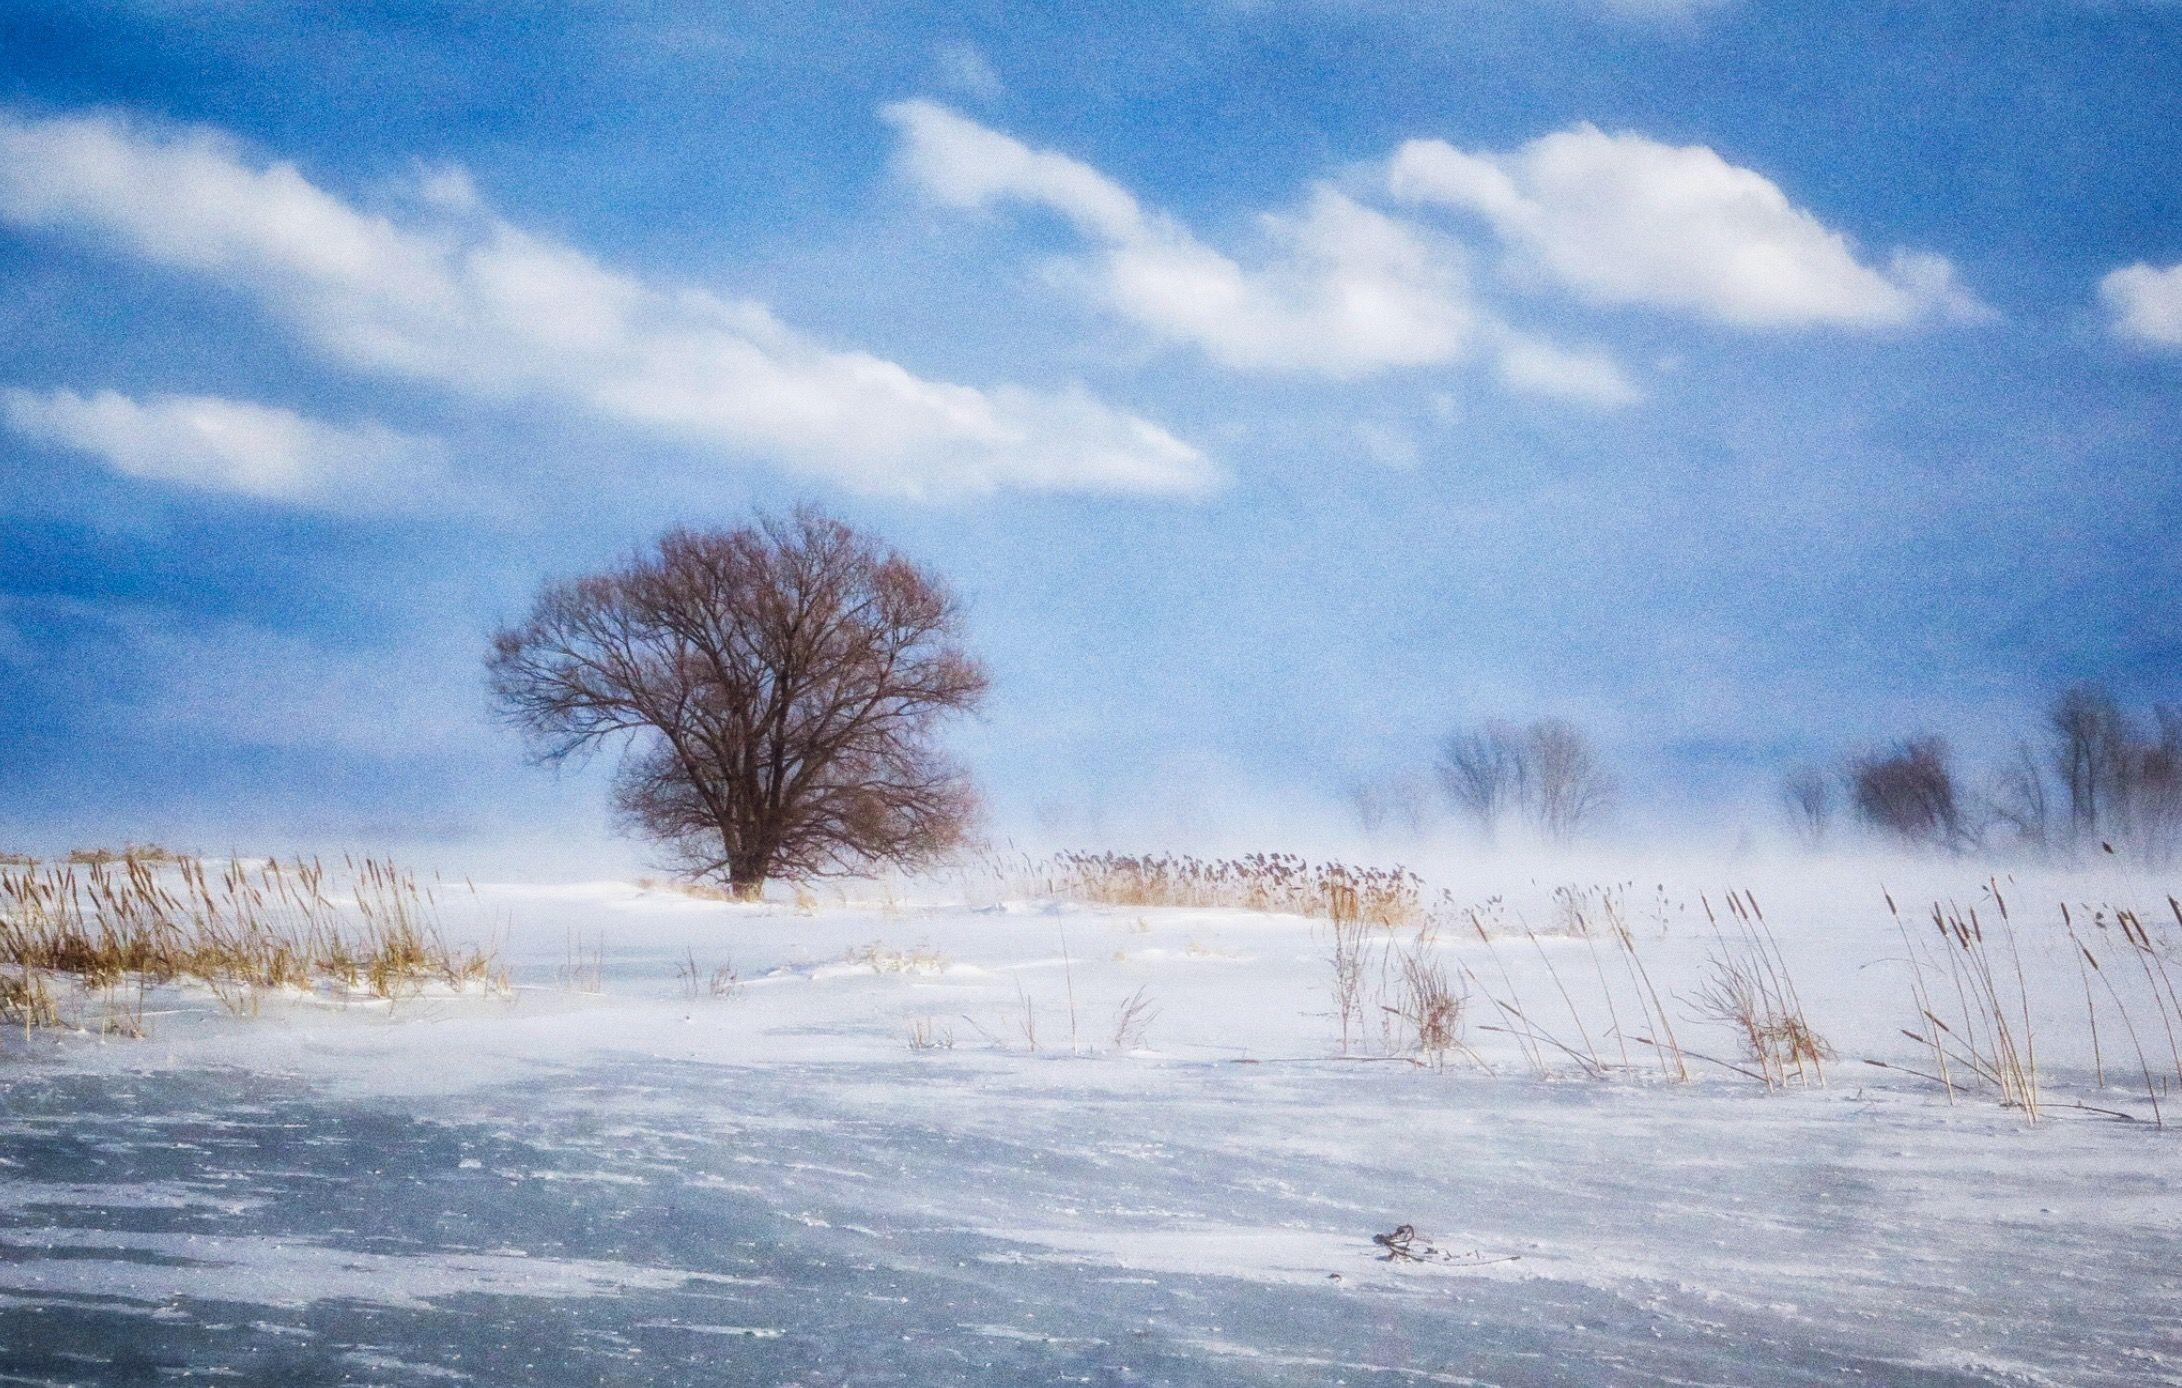 Autant En Emporte Le Vent Gone With The Wind Wind Landscape Photography